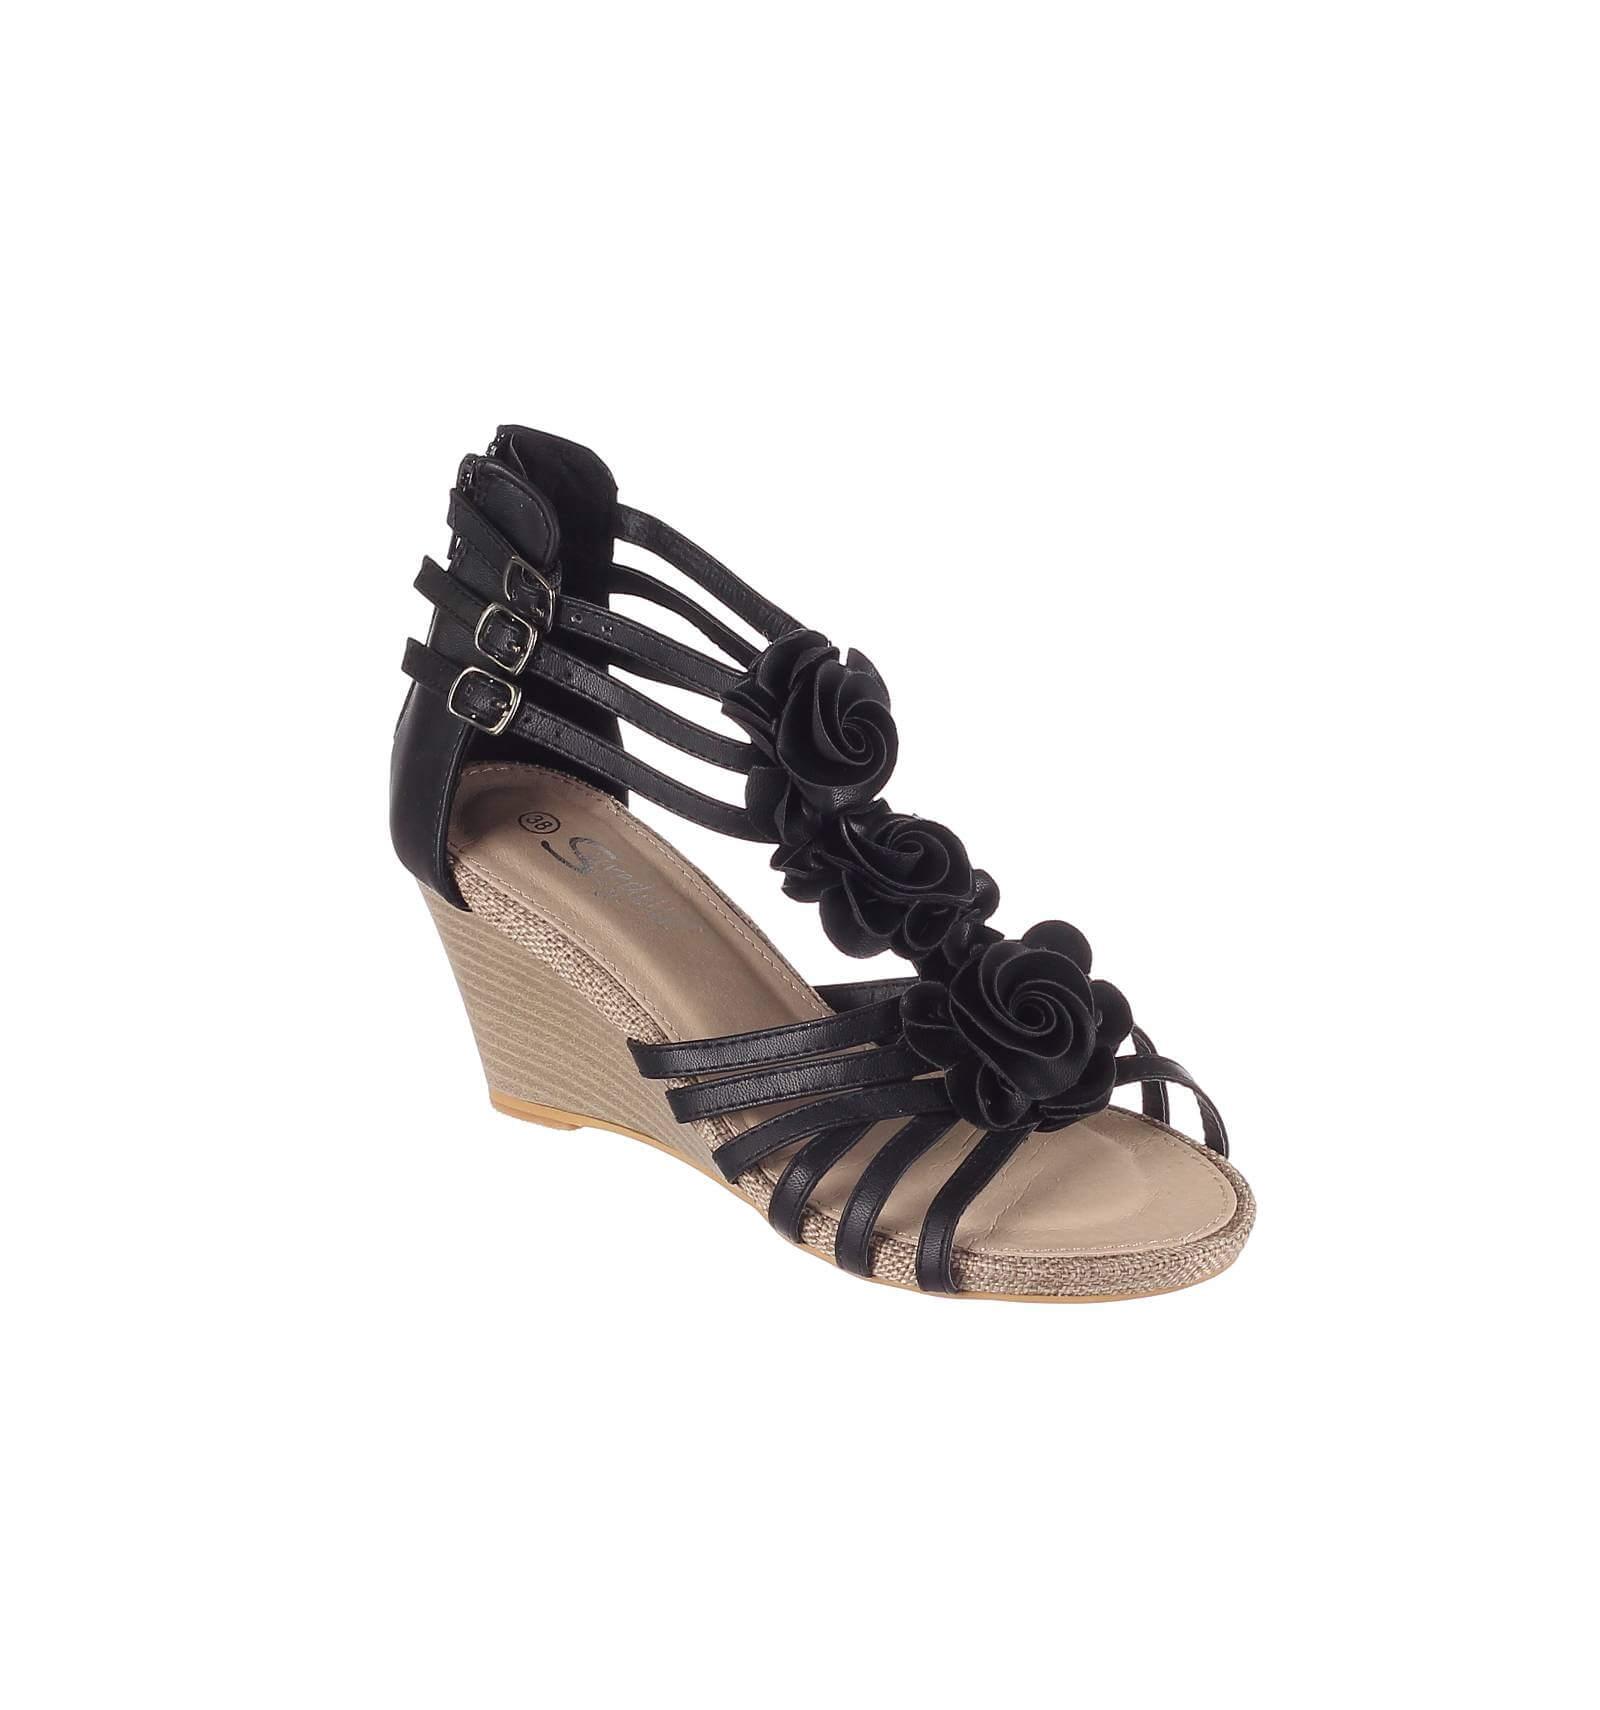 Couleur Noire Compensée Modèle En La Sandale Audrey jLAq34R5